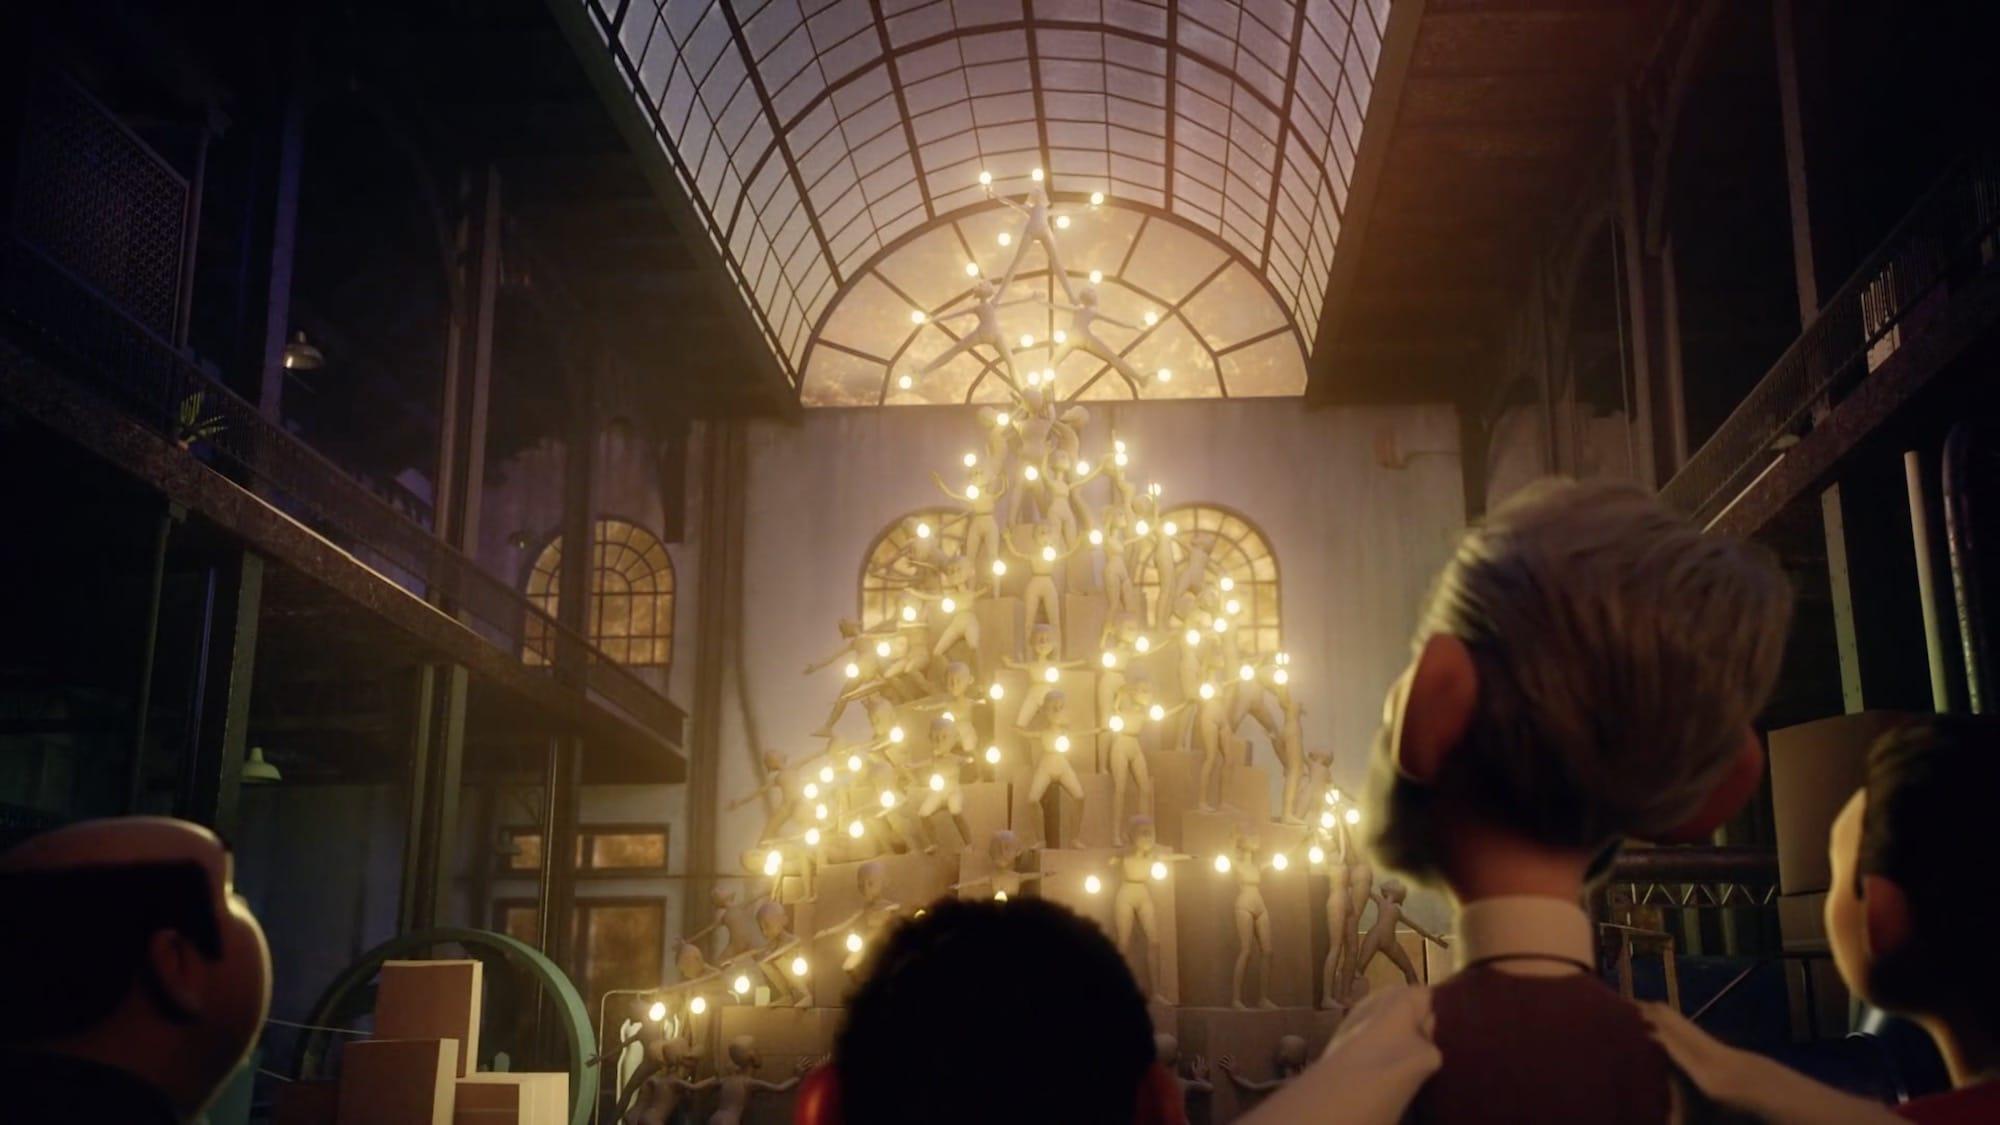 Loteria-de-Navidad-movie-02-hero